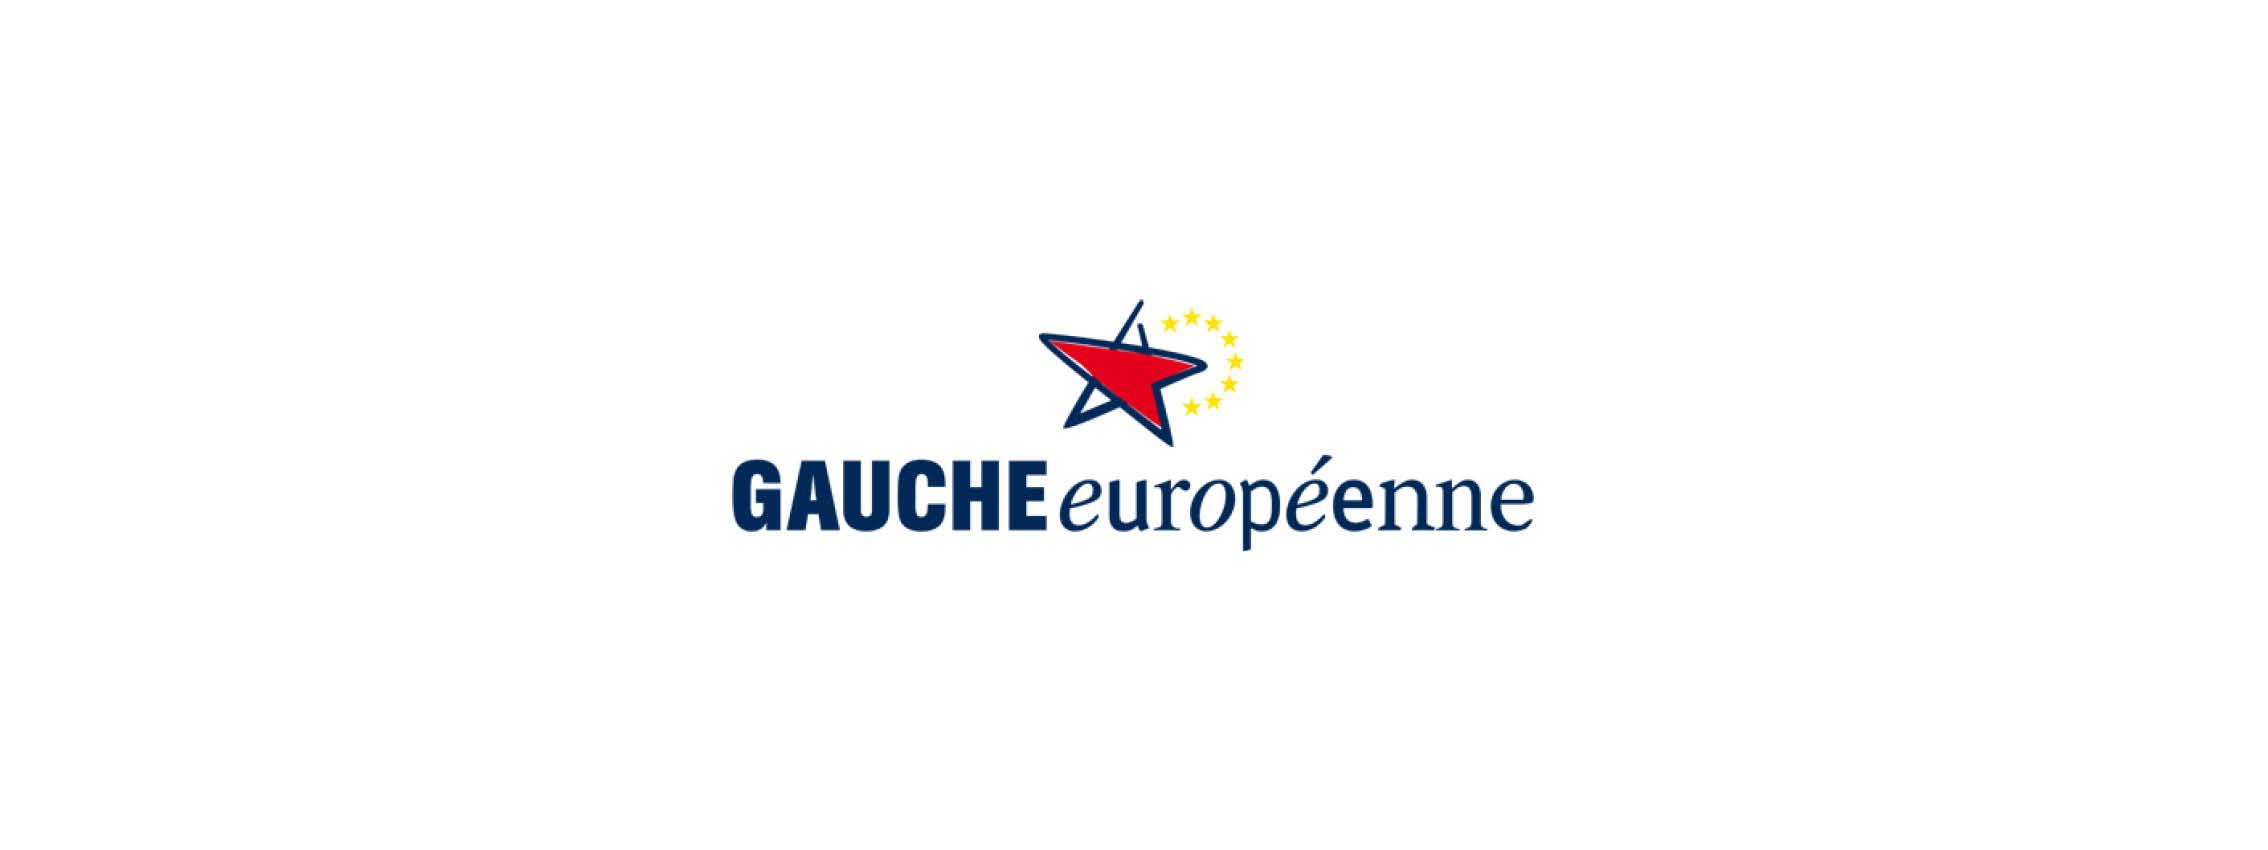 Logo Gauche européenne